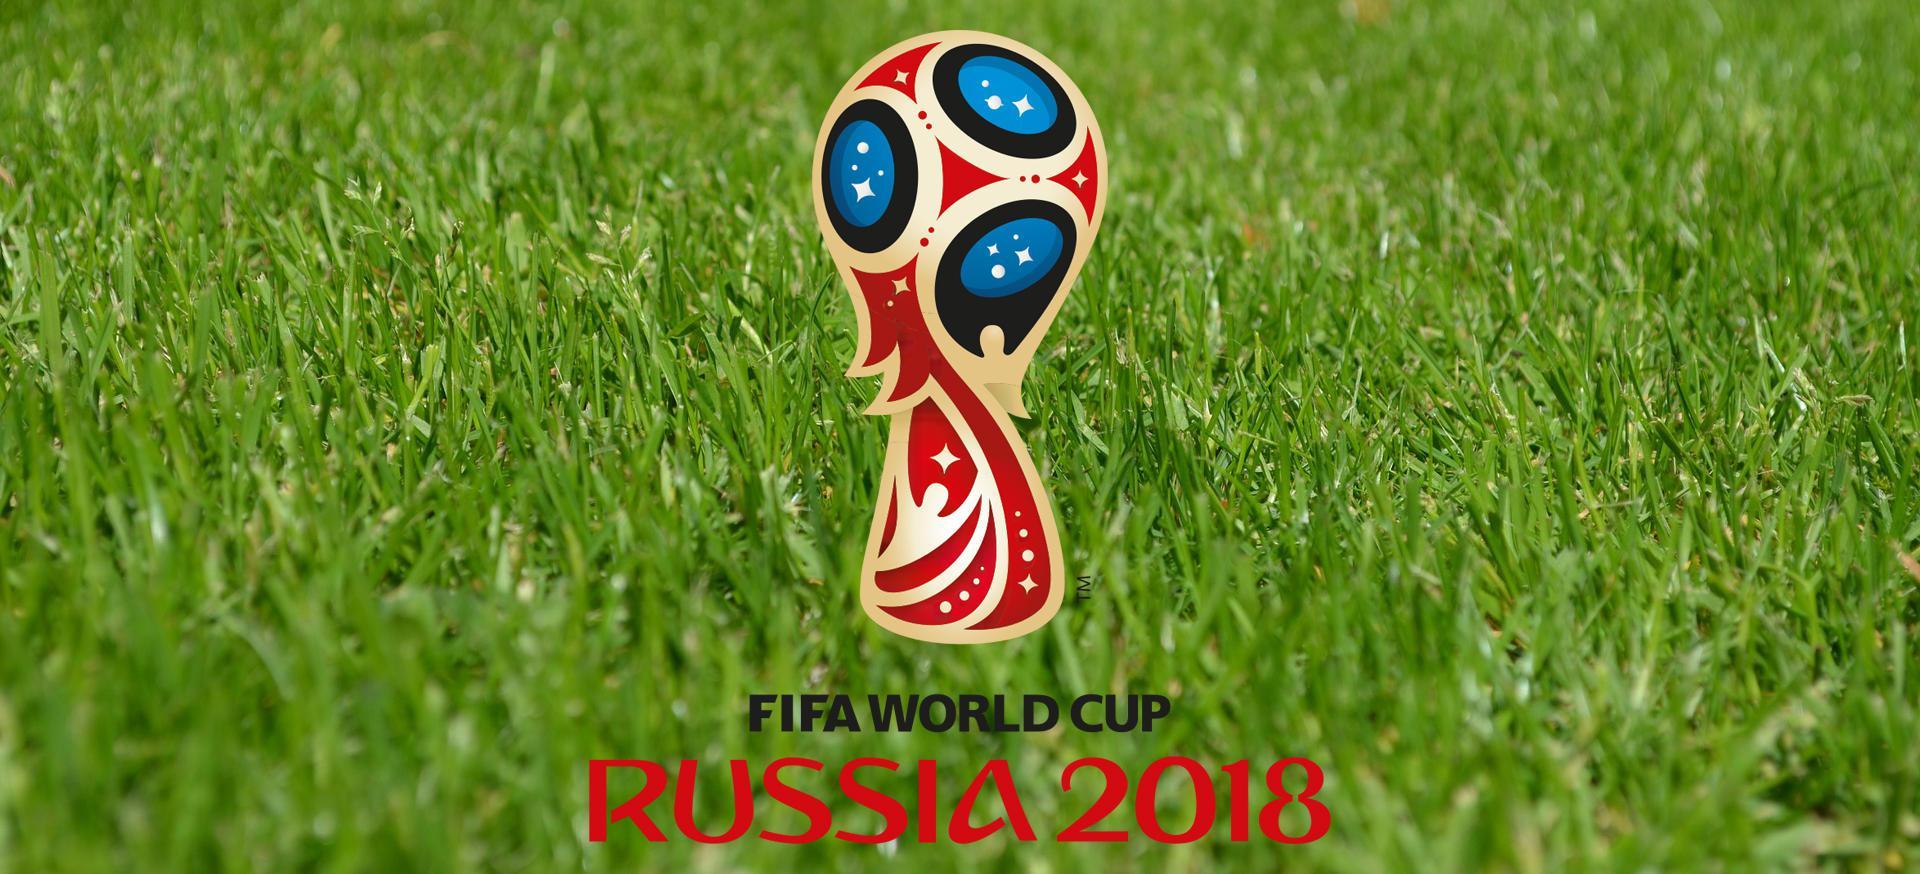 Coupe du monde 2018 une ia pr dit le parcours de chaque quipe et le vainqueur sciences - Vainqueur des coupe du monde ...